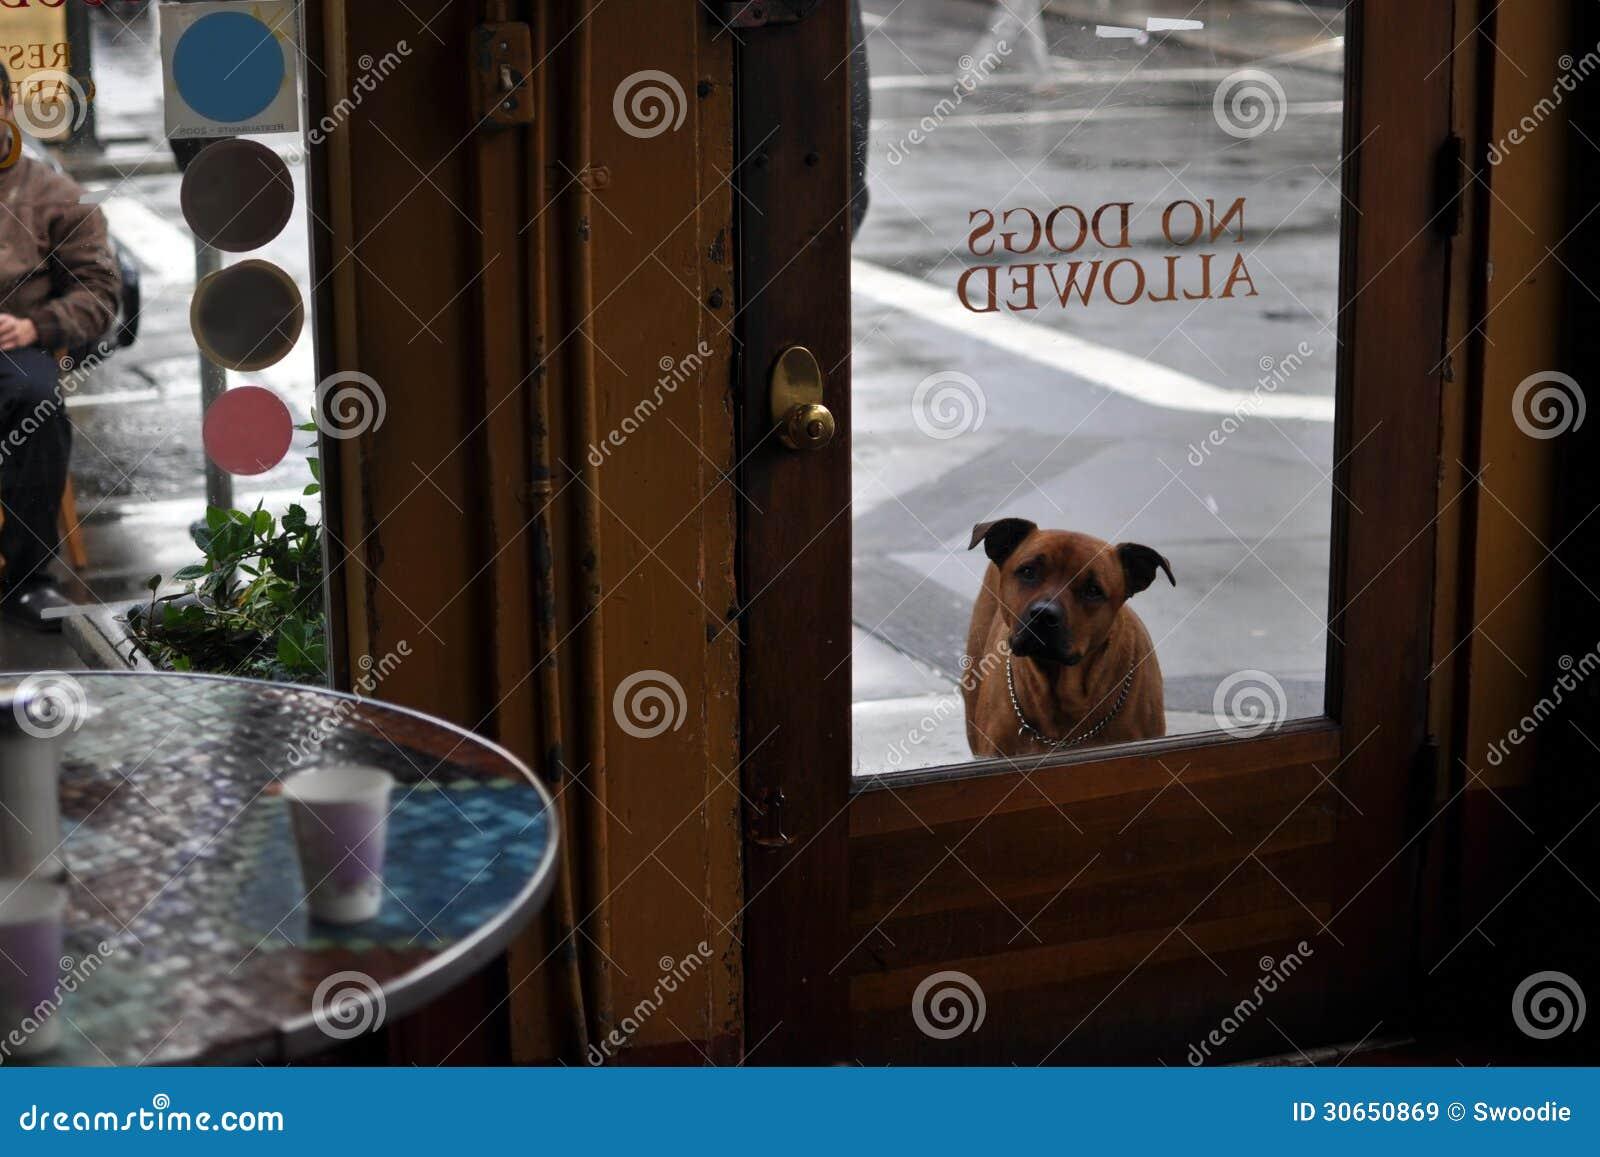 Curious dog waits outside cafe